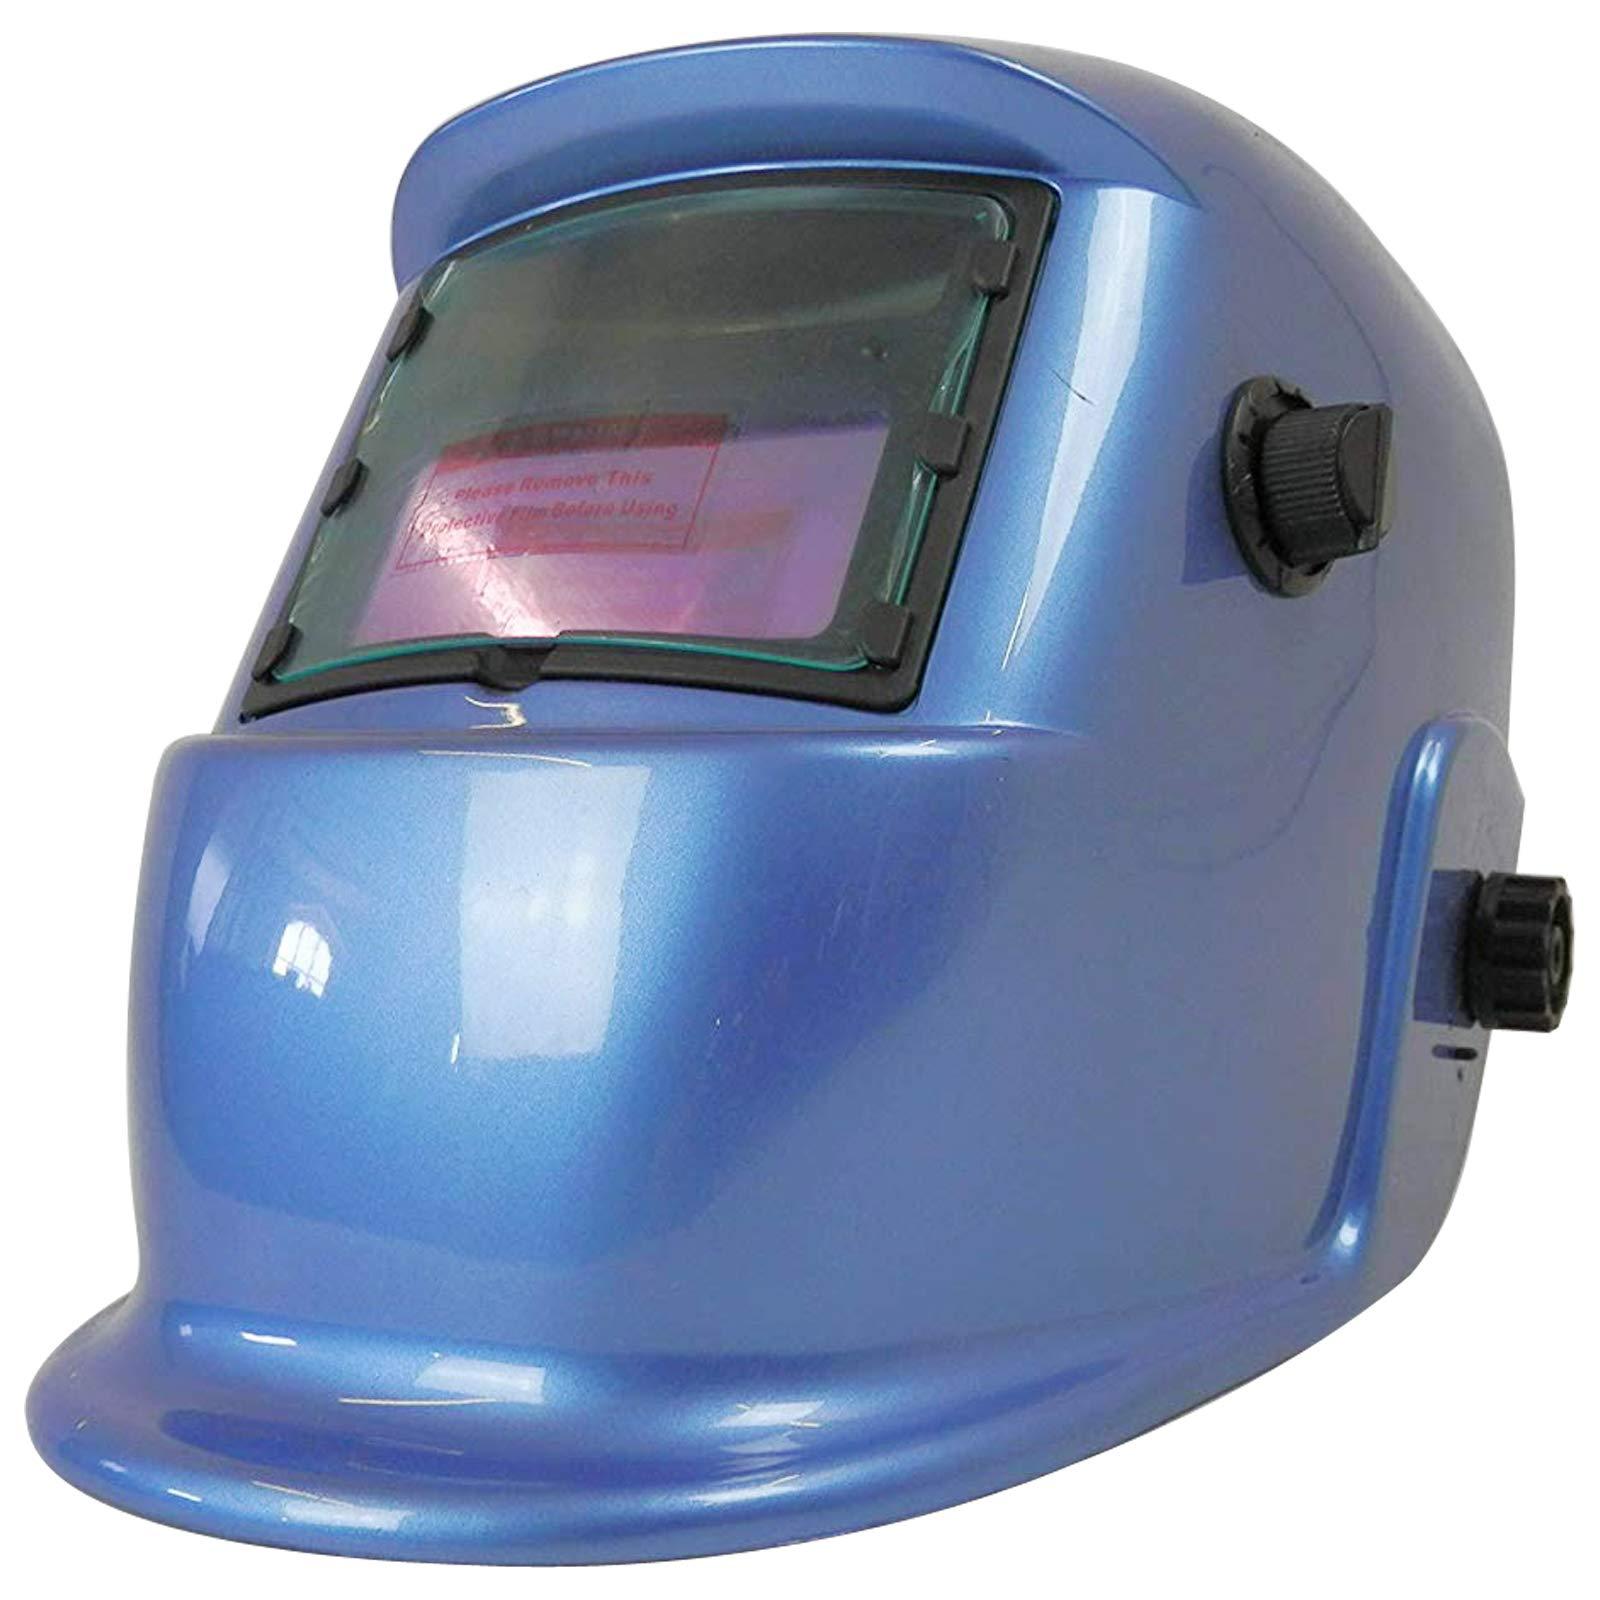 CE Approved Auto Darken Welding /& Grinding Helmet Varioshade Sliver Pattern